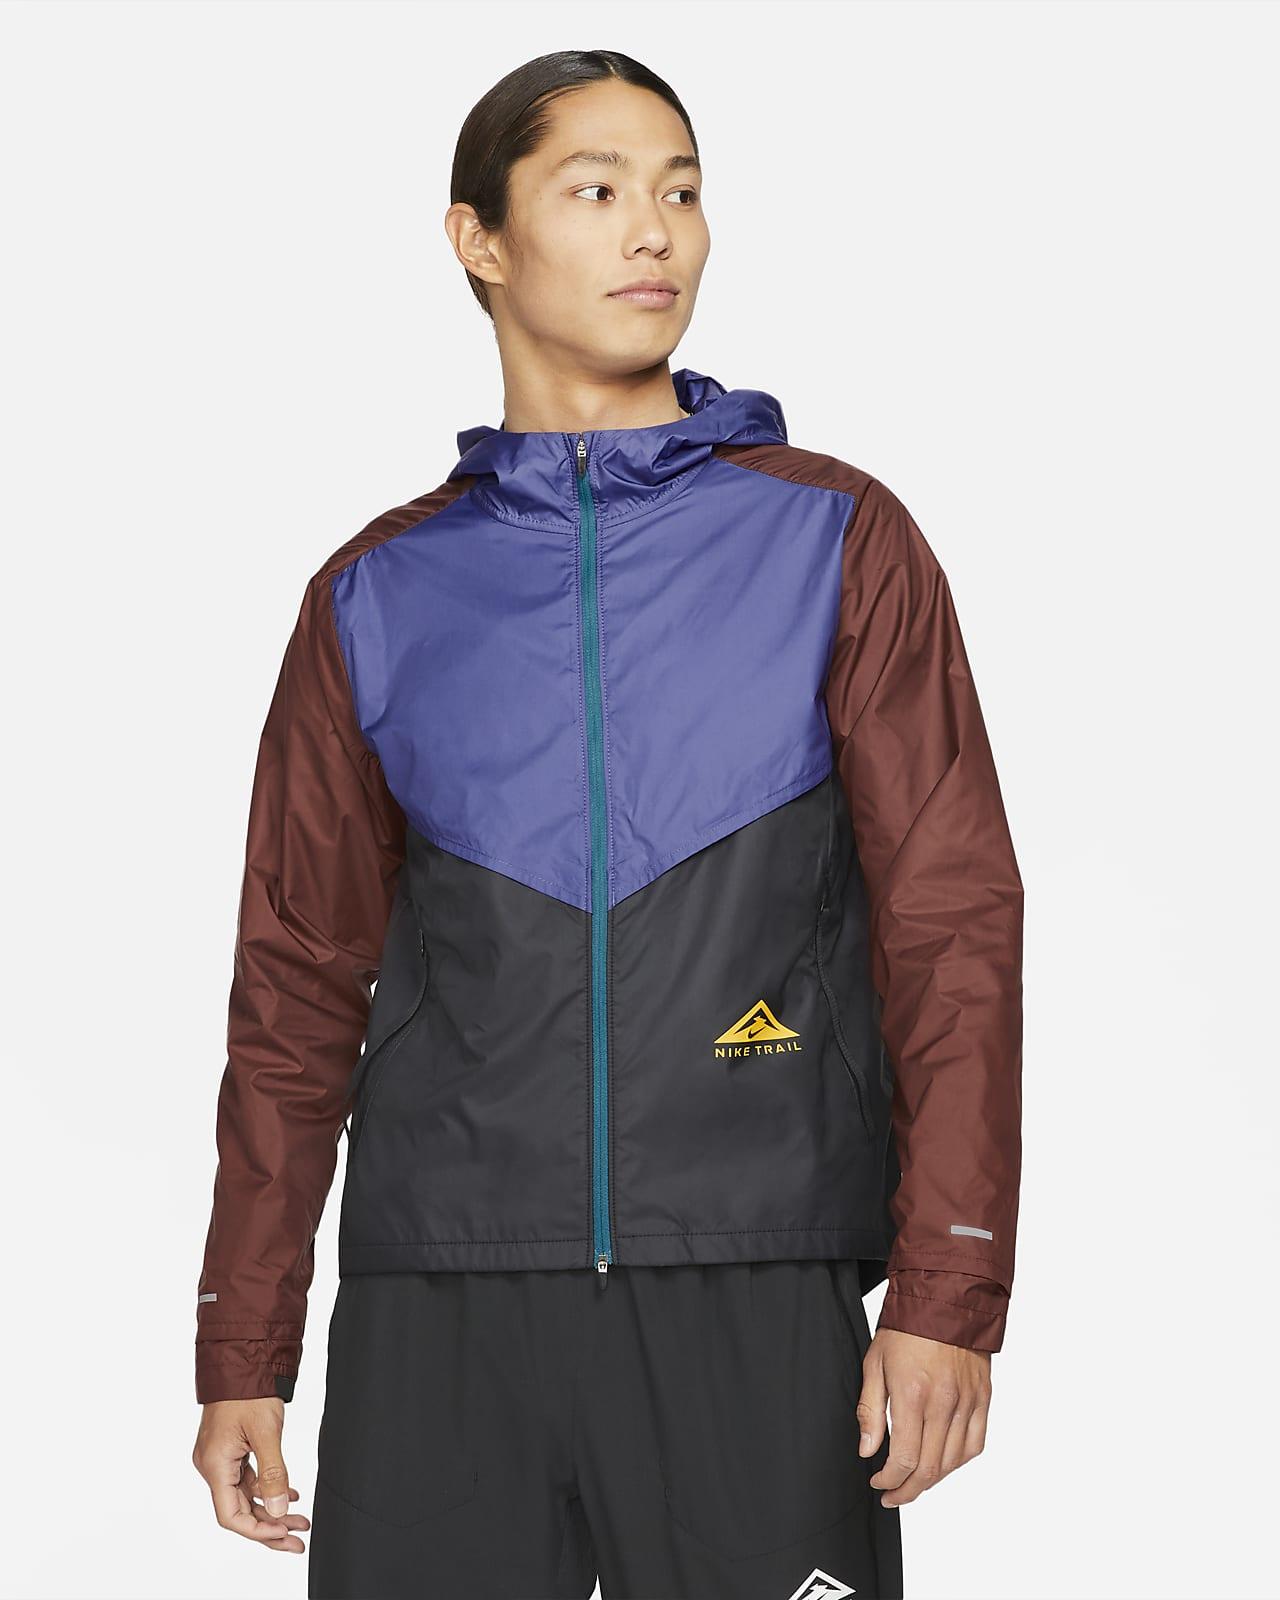 เสื้อแจ็คเก็ตวิ่งเทรลผู้ชาย Nike Windrunner